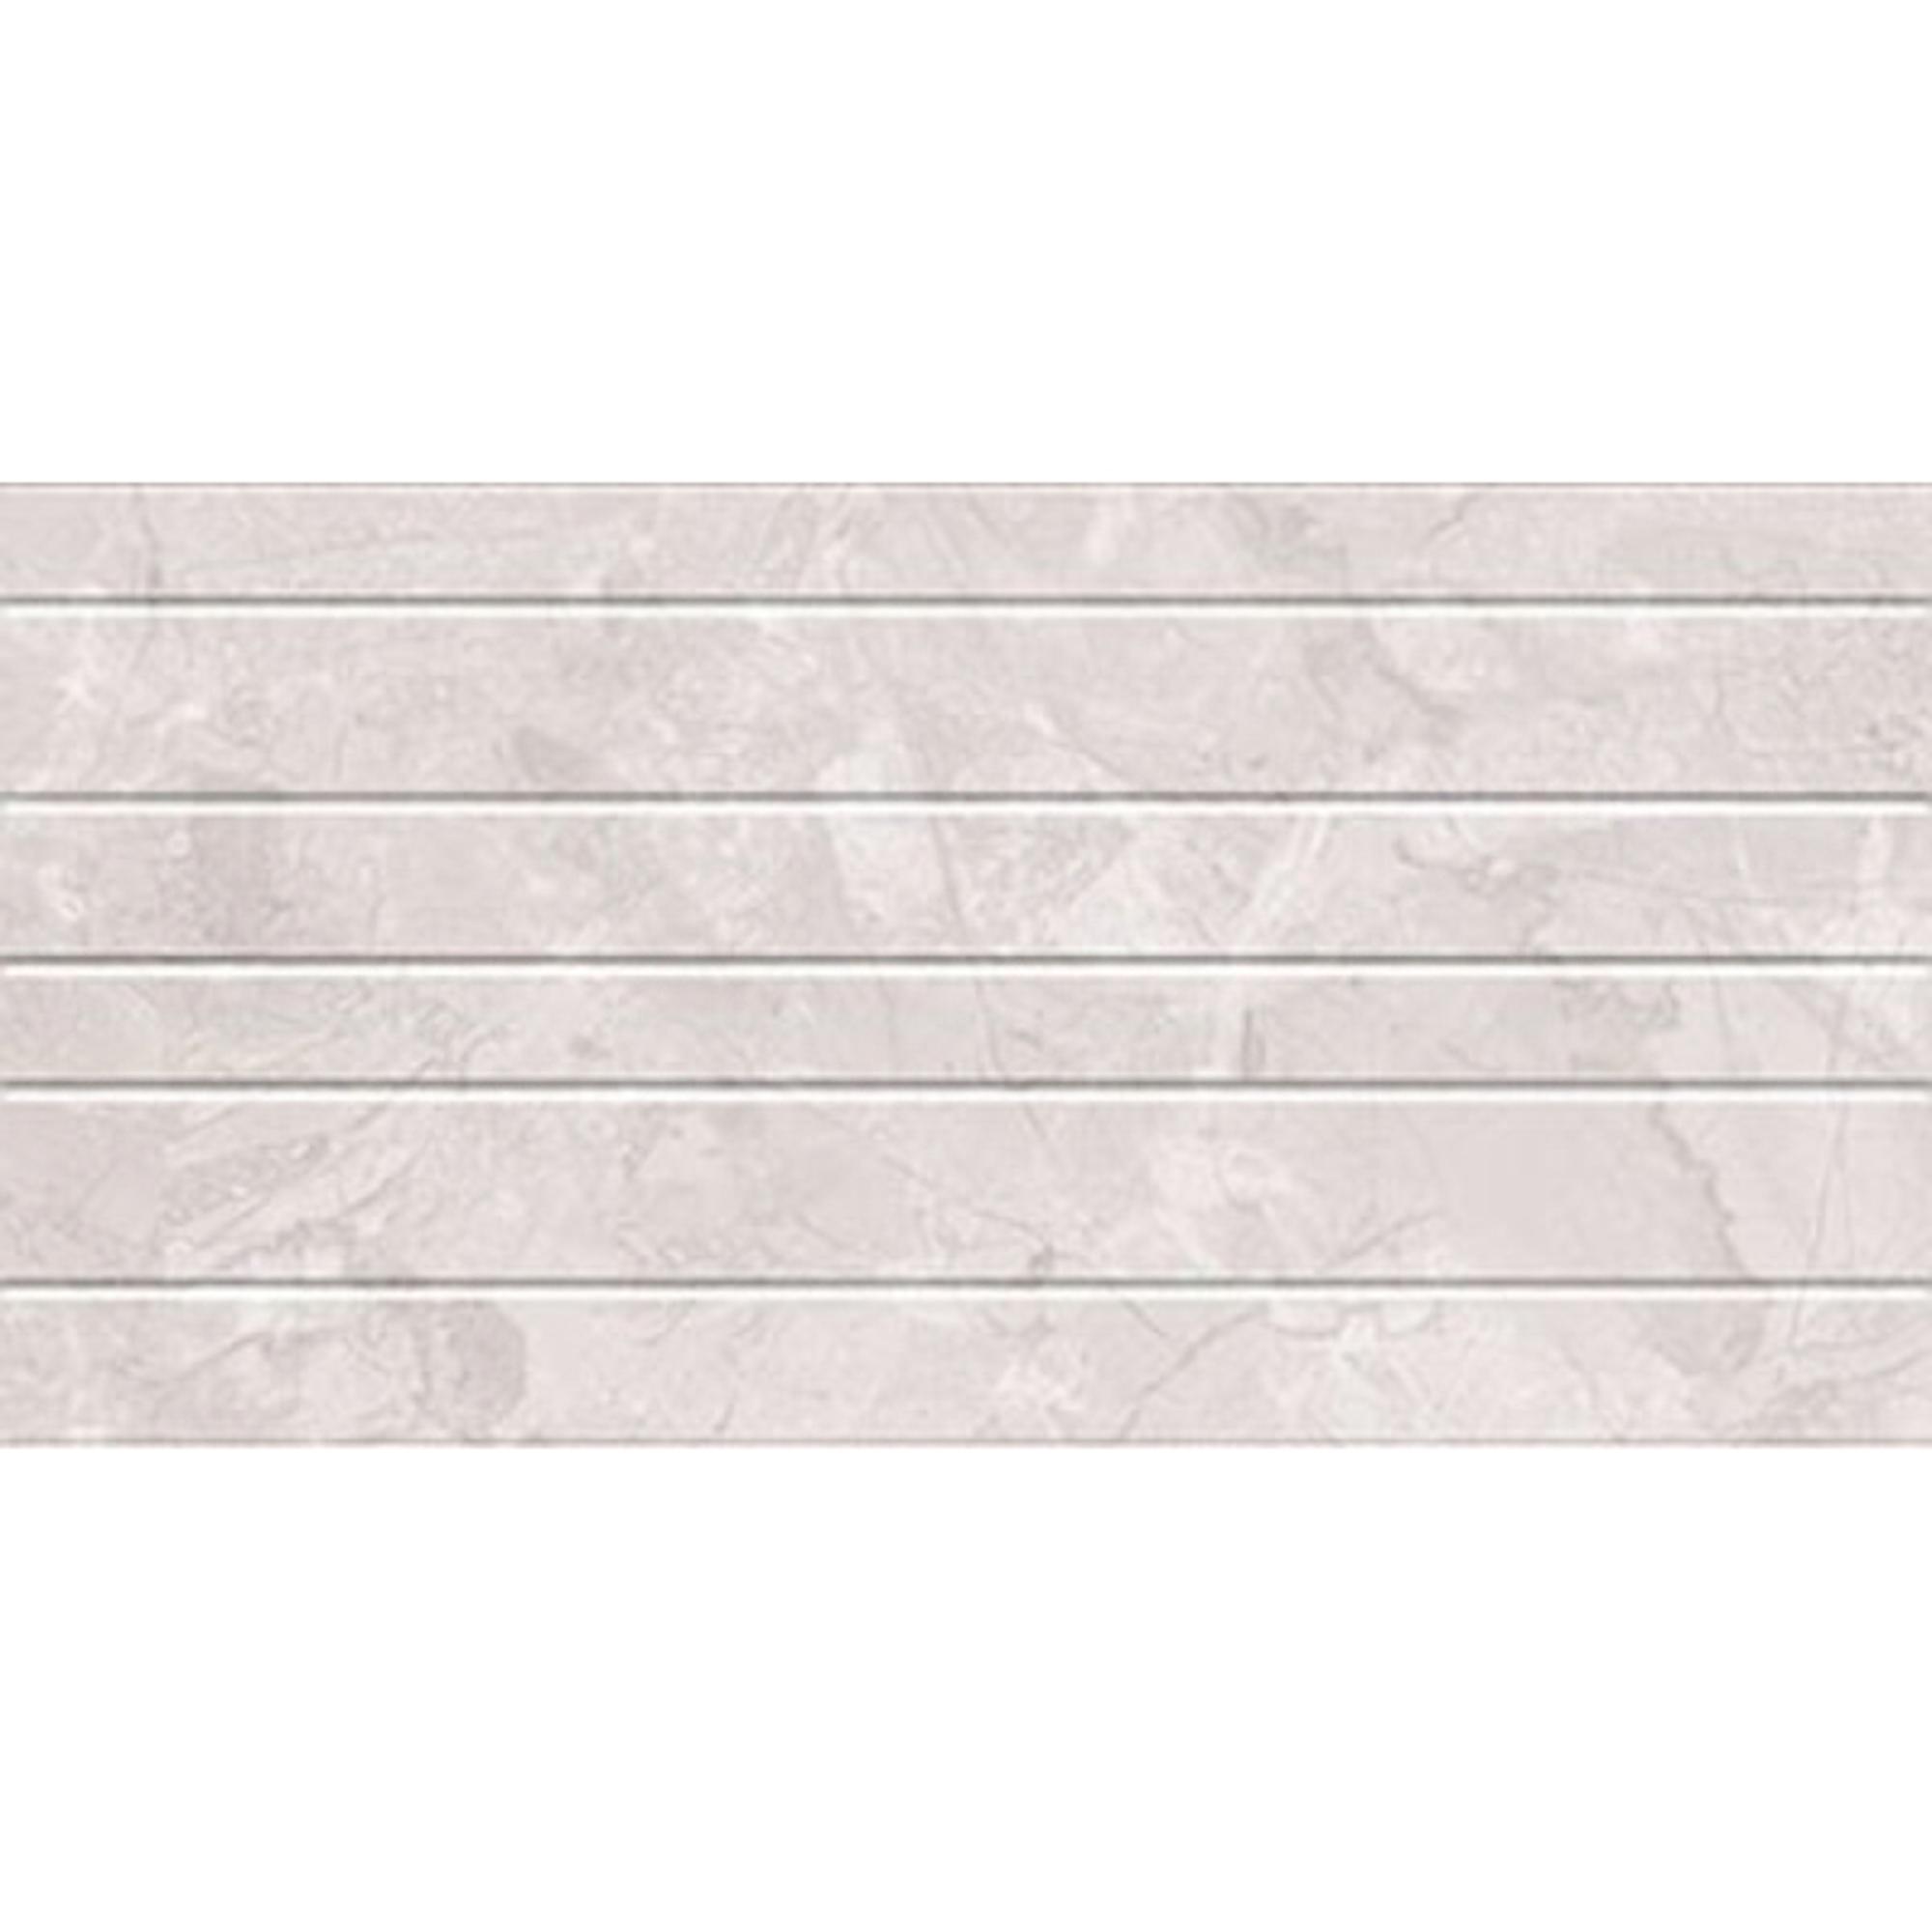 Плитка Kerlife Delicato Linea Perla 31,5x63 см плитка kerlife eterna beige 20 1x50 5 см